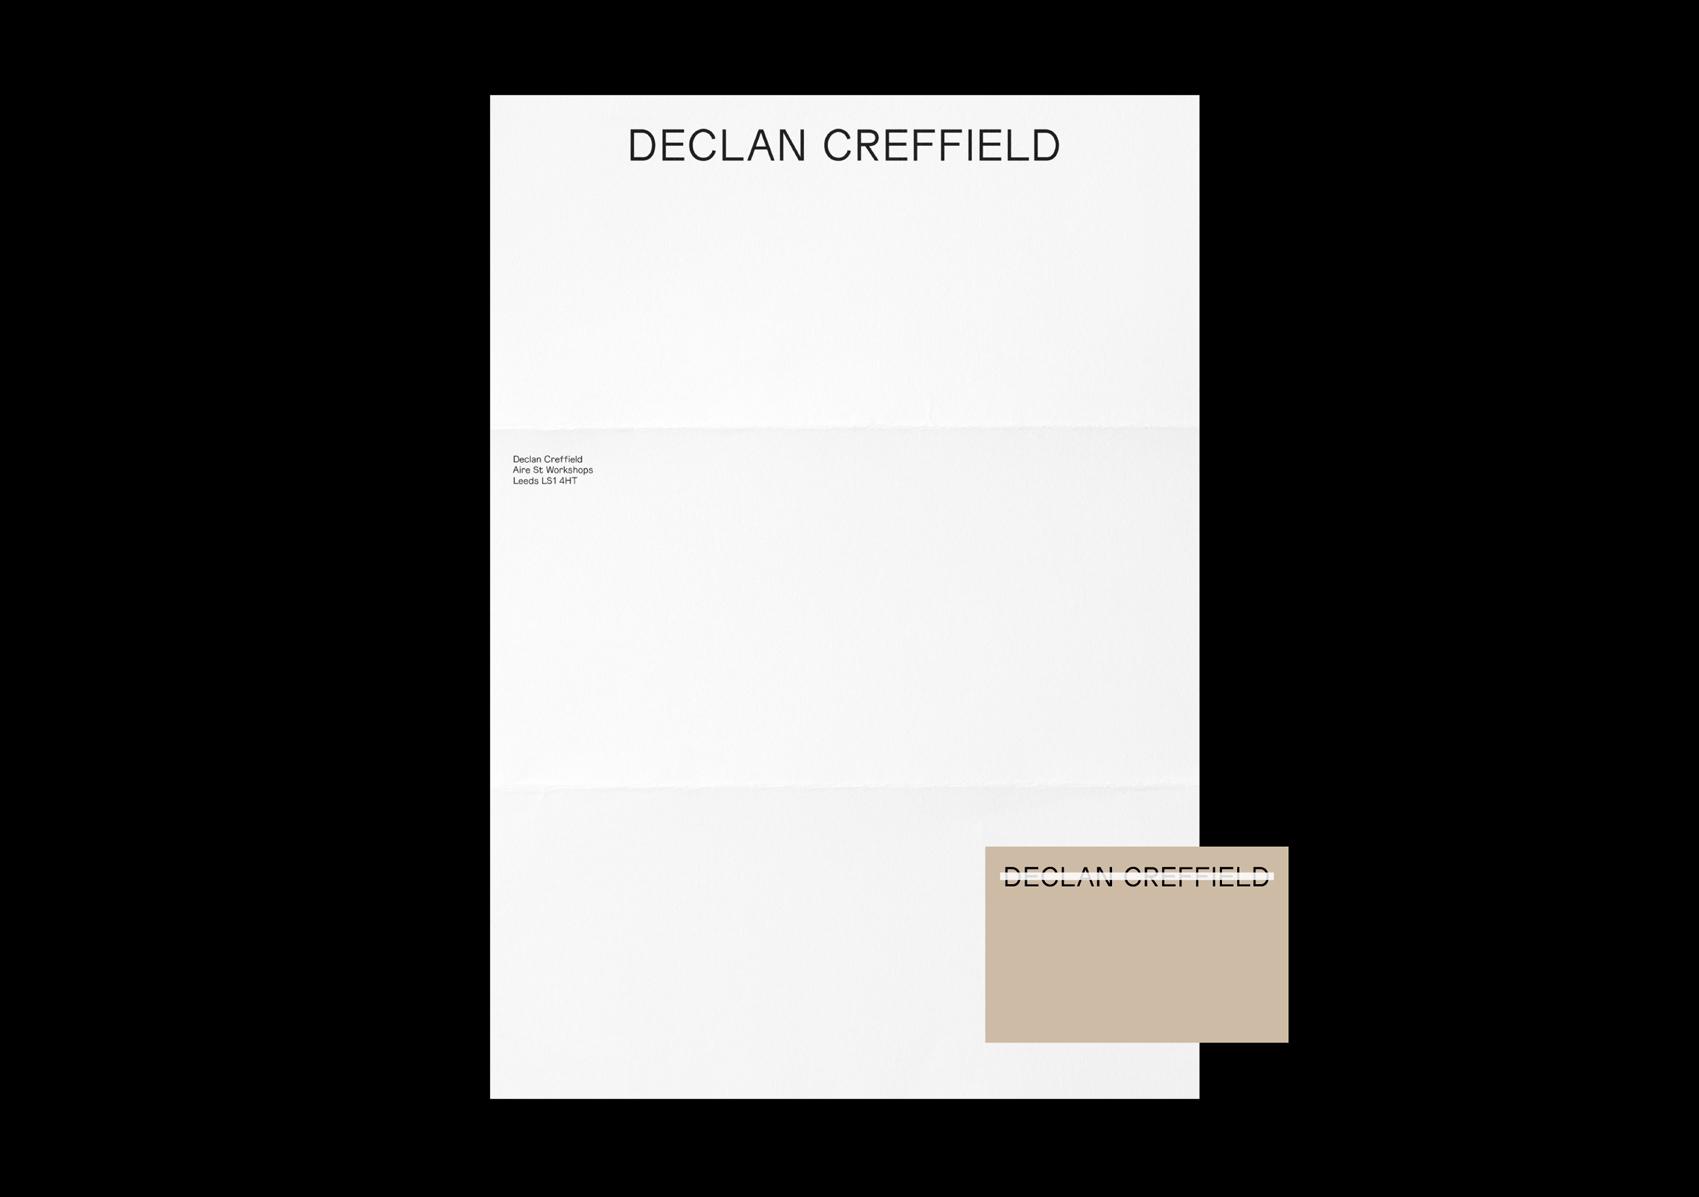 Declan Creffield stationery